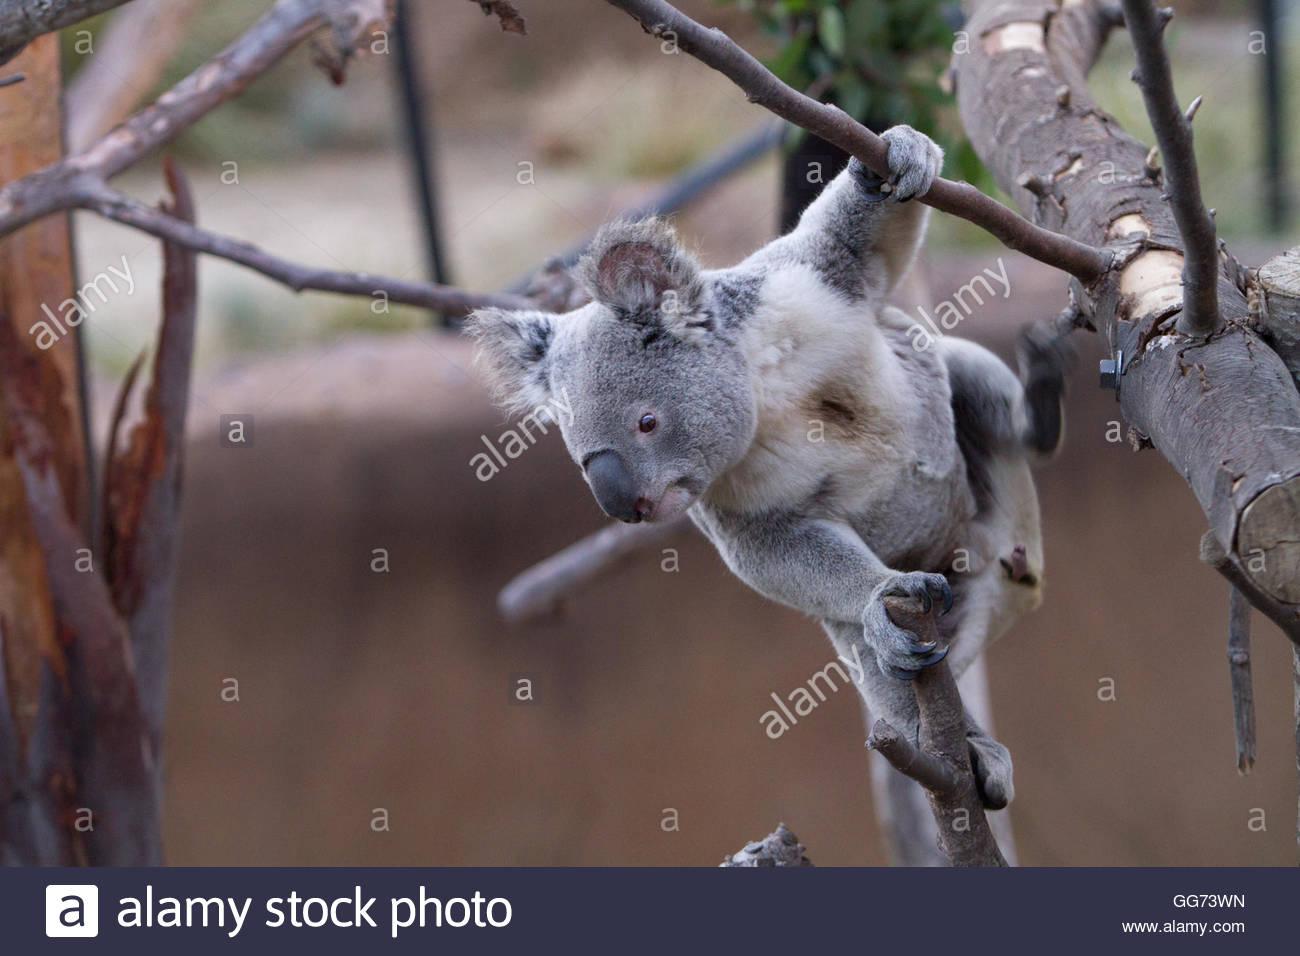 Cute koala bear climbing tree Stock Photo Royalty Free Image